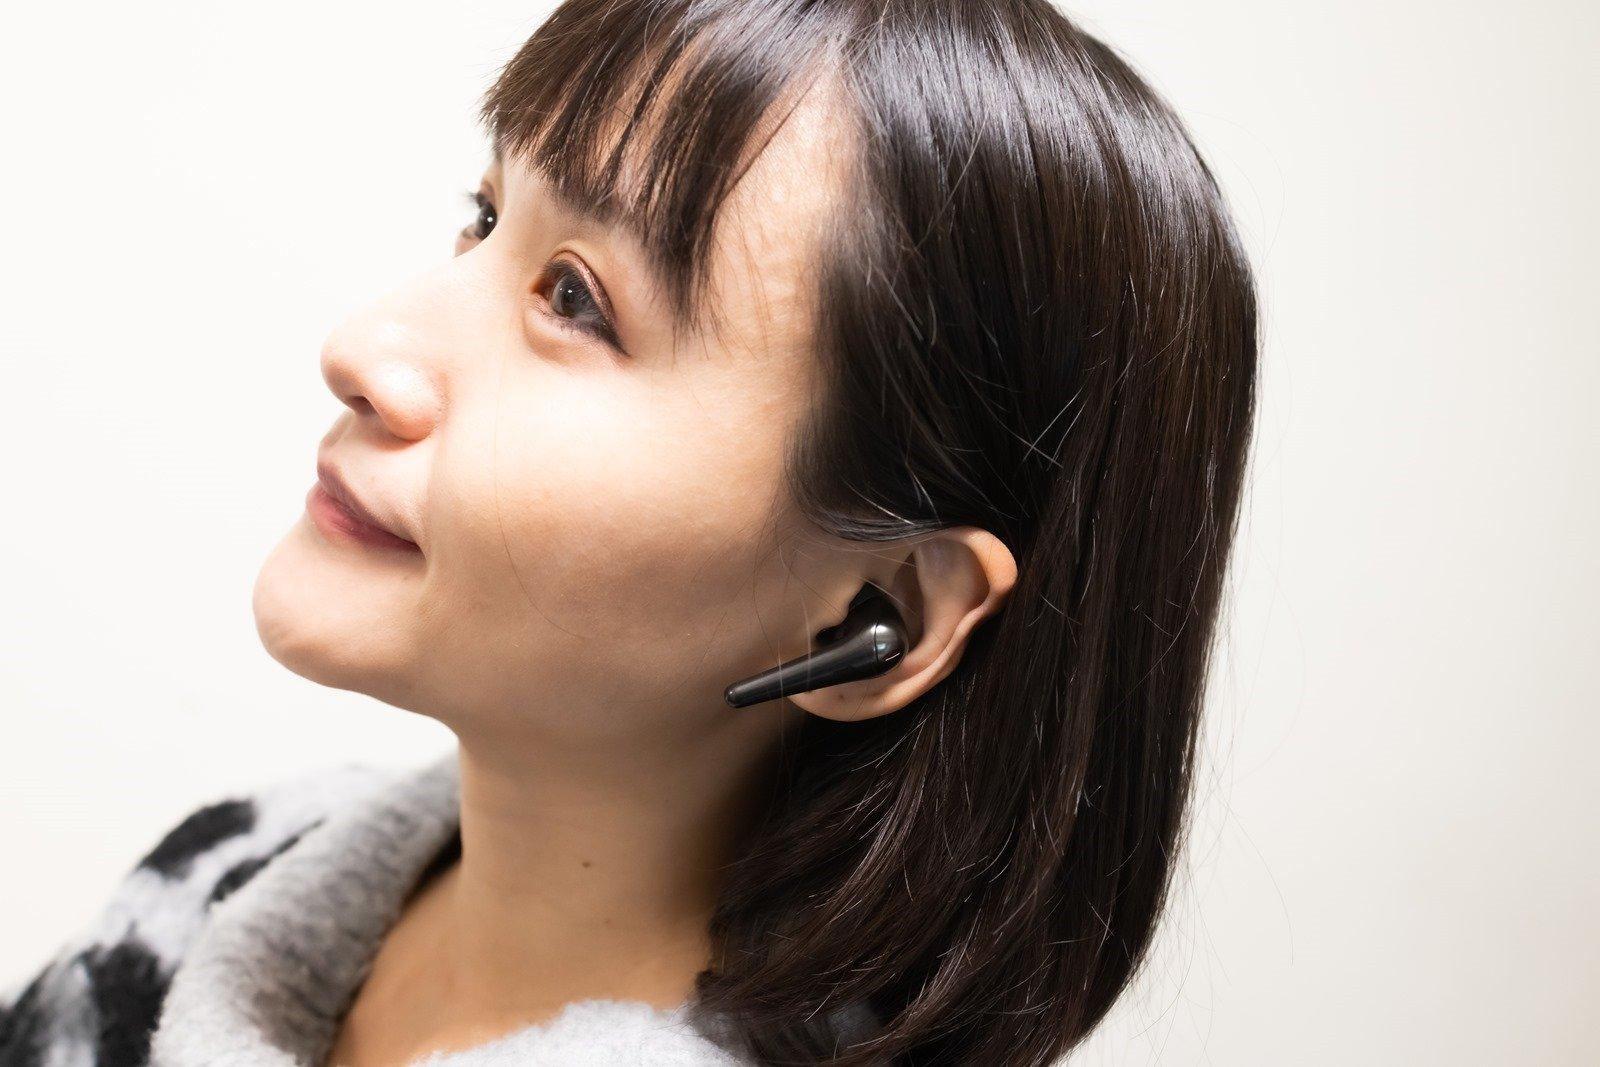 電力勇猛降噪強悍! 1MORE ComfoBuds Pro 主動降噪真無線藍牙耳機開箱分享,40db 降噪 / 6 +14 小時續航 @3C 達人廖阿輝